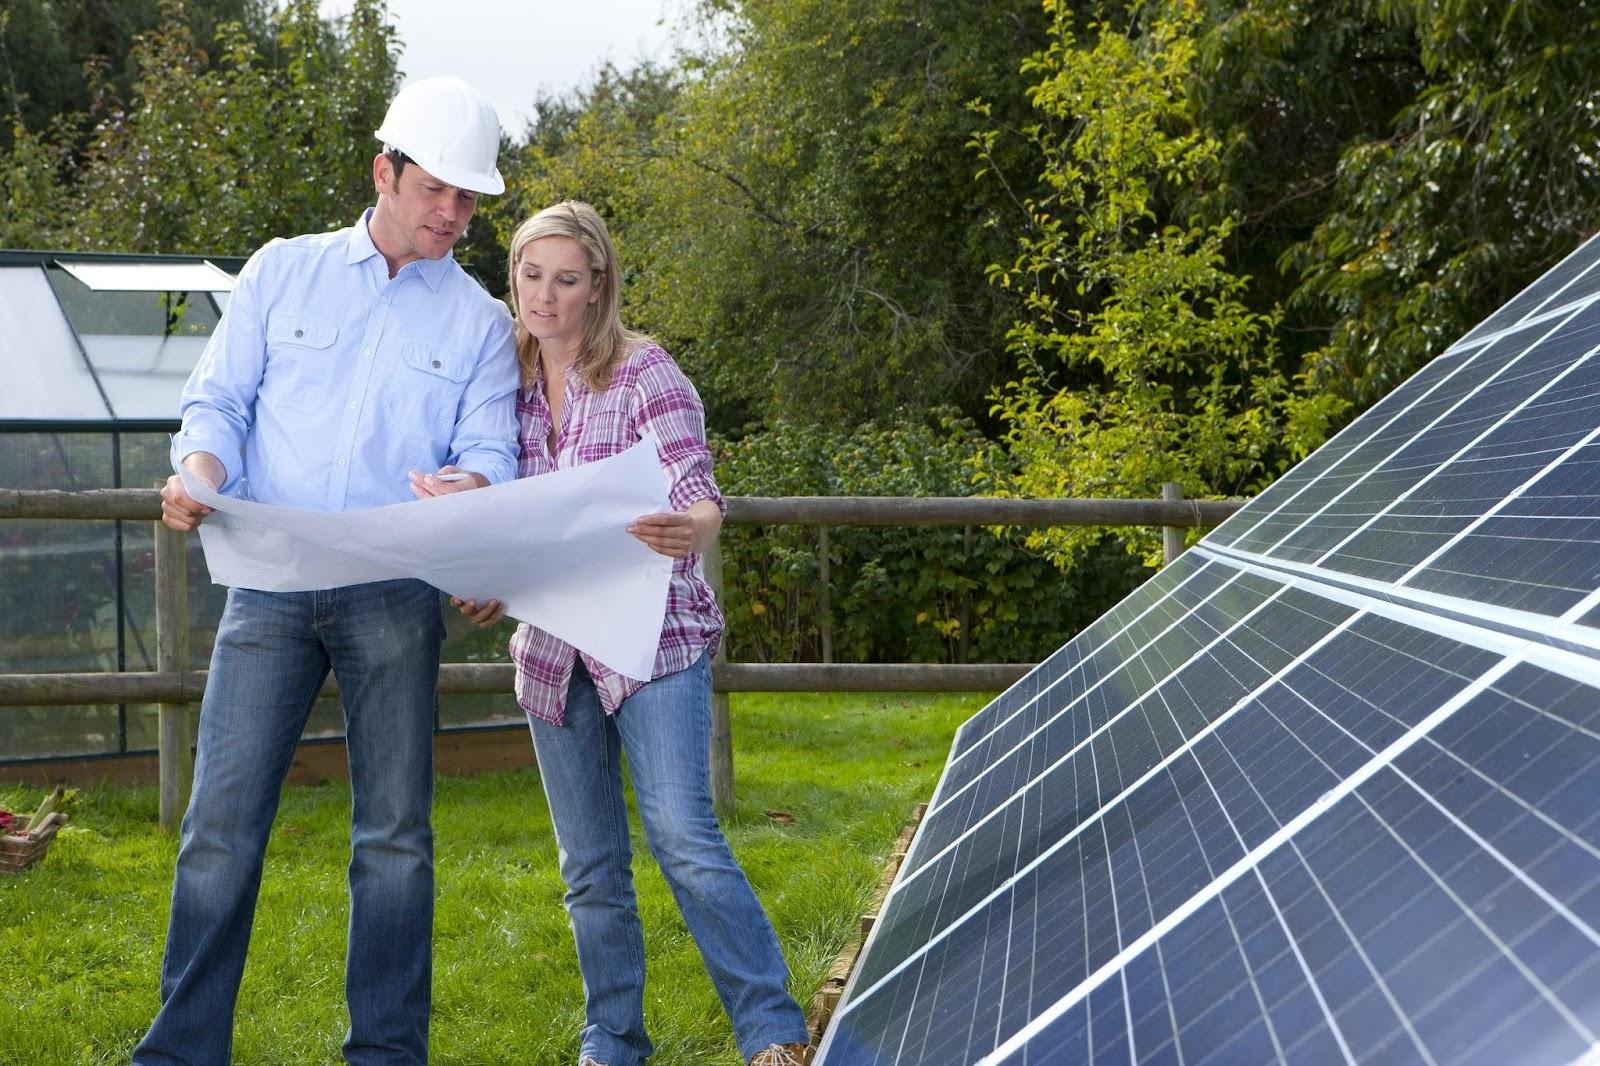 Installing solar panels-couple.jpg